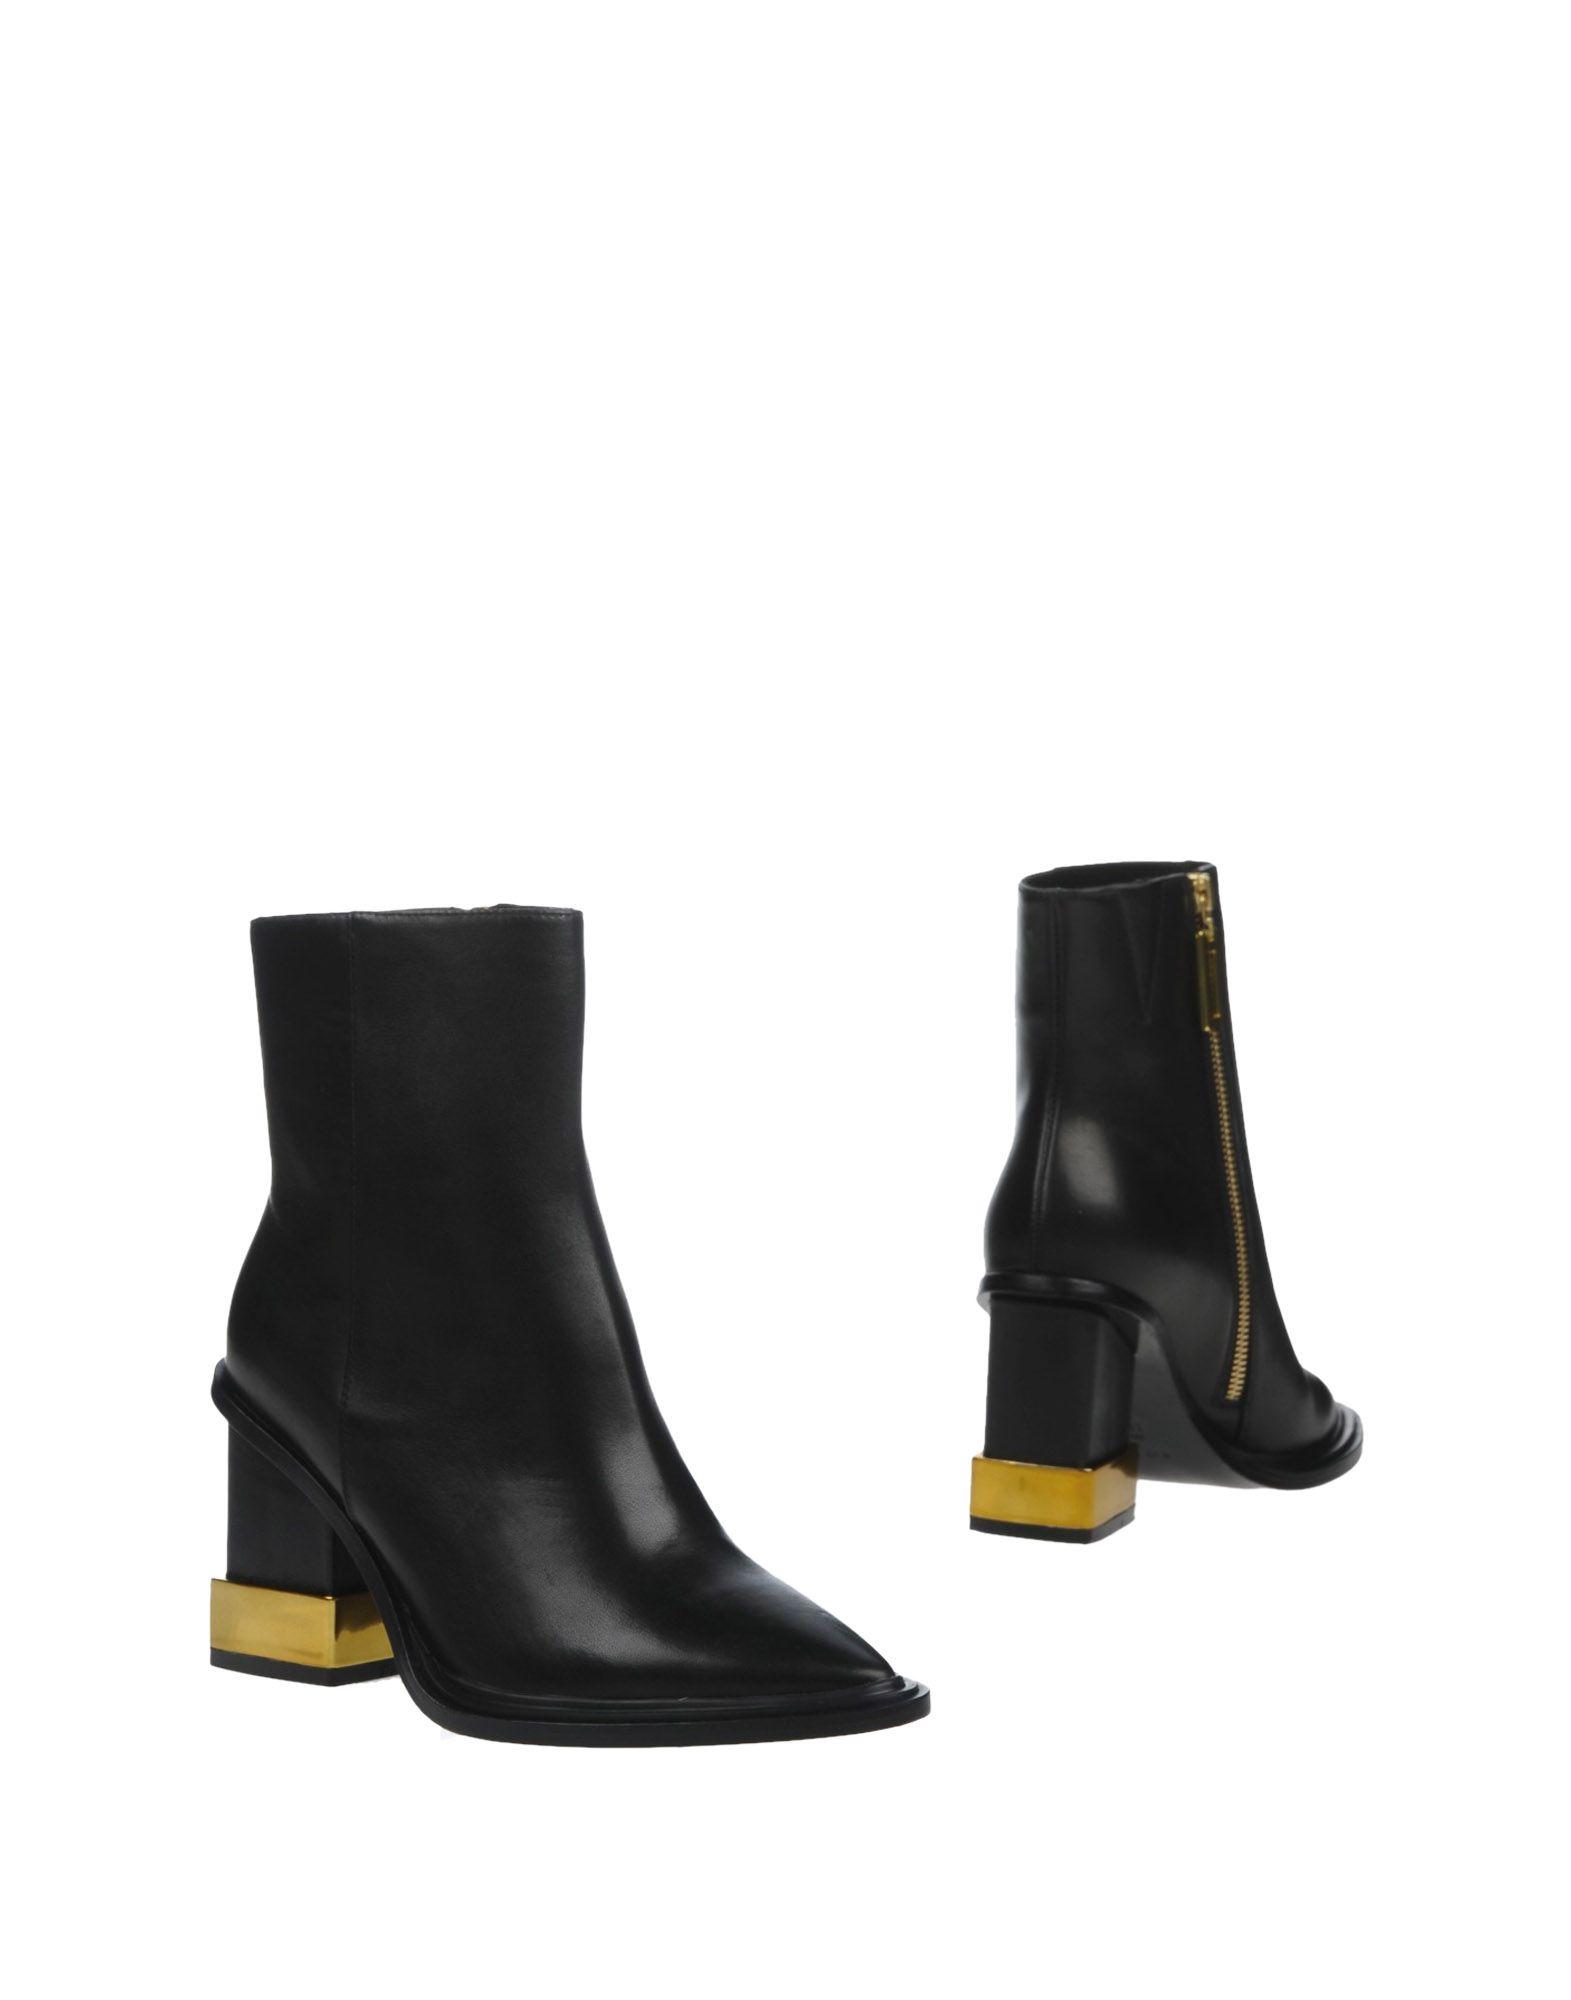 Kat Maconie Stiefelette Damen Schuhe  11290761DVGut aussehende strapazierfähige Schuhe Damen 4f23a0